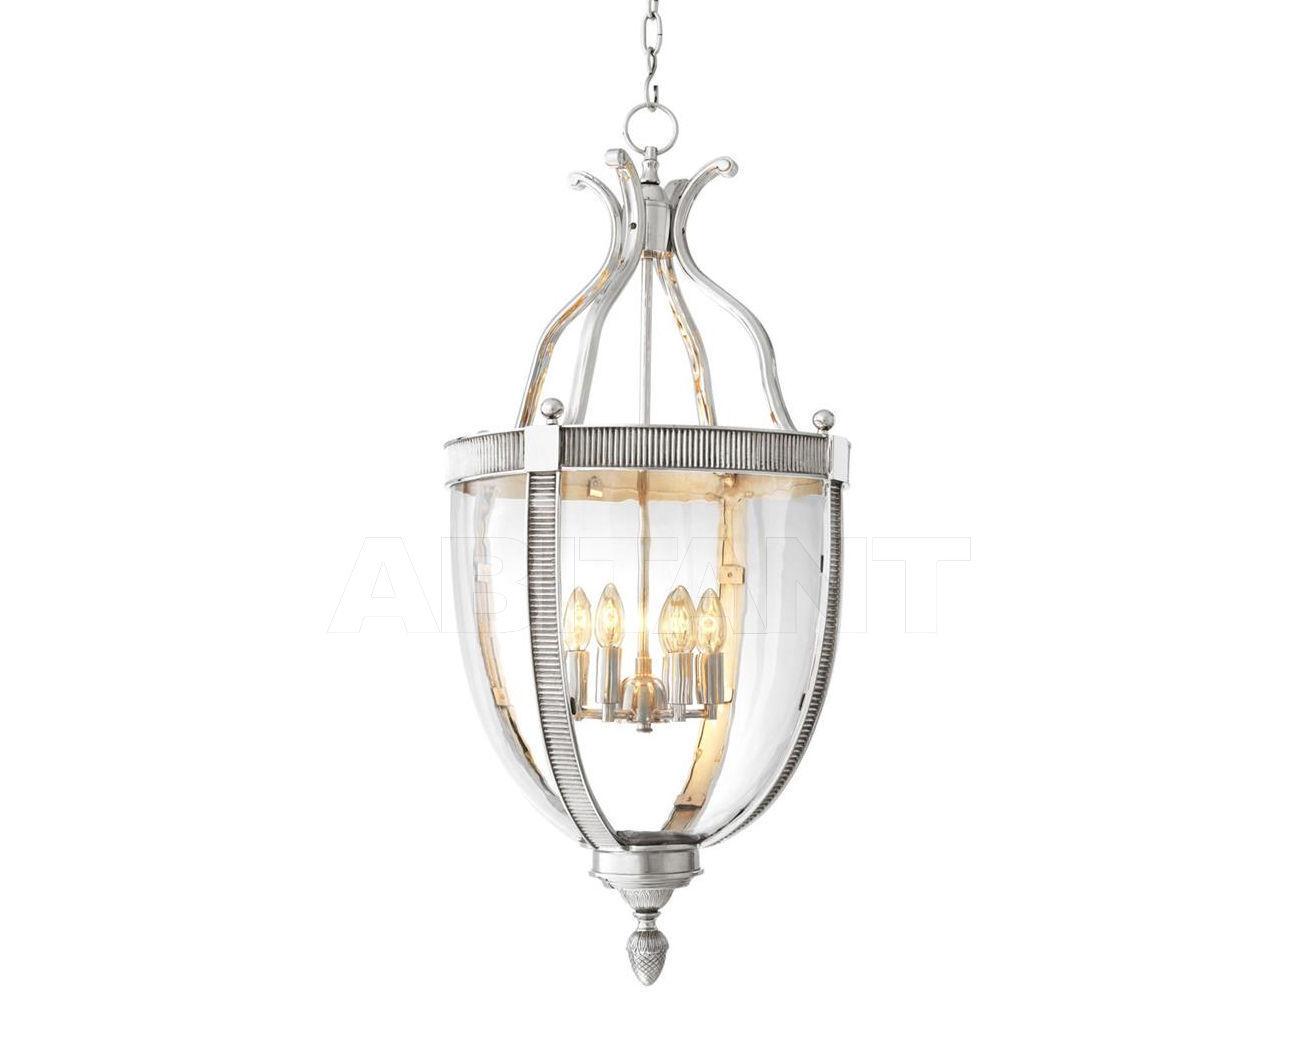 Купить Светильник Urn XL Eichholtz  Lighting 106378